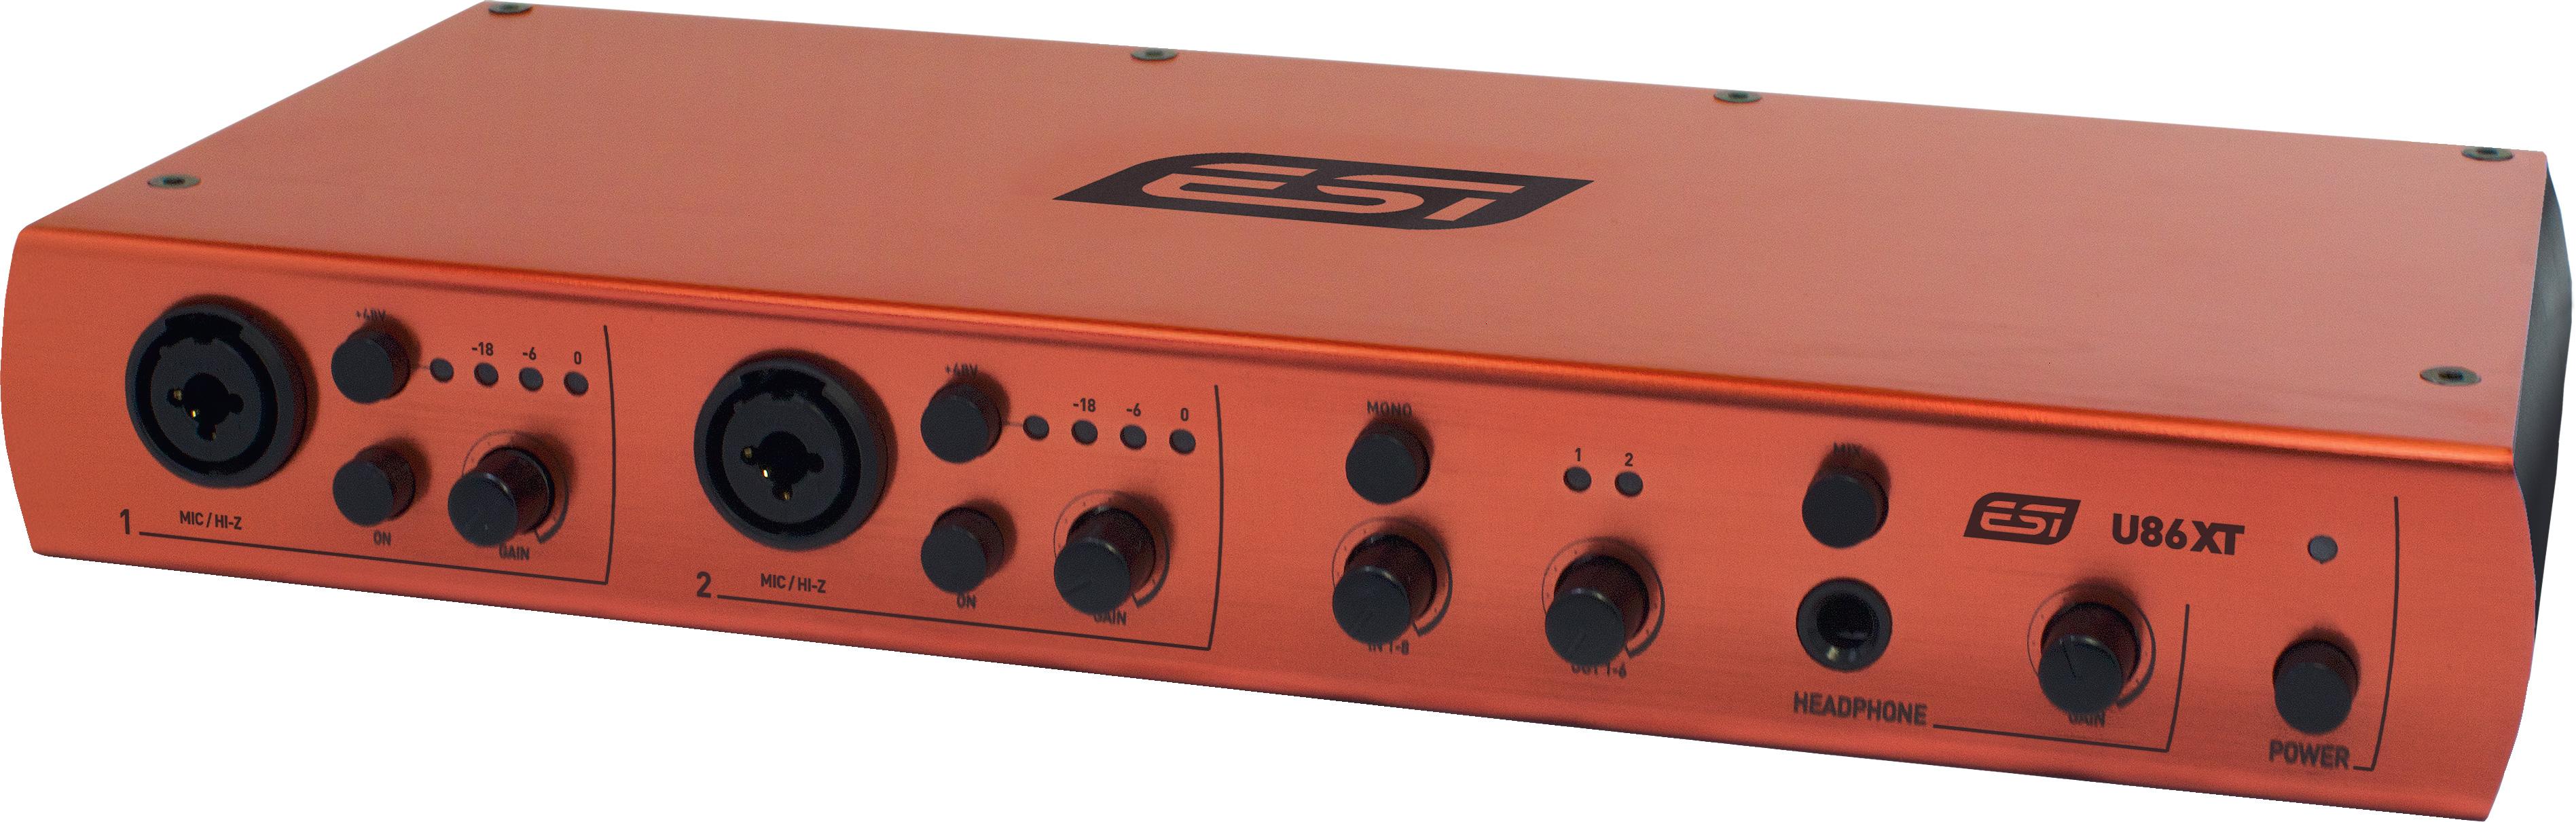 ESI U86 XT – новый профессиональный аудиоинтерфейс